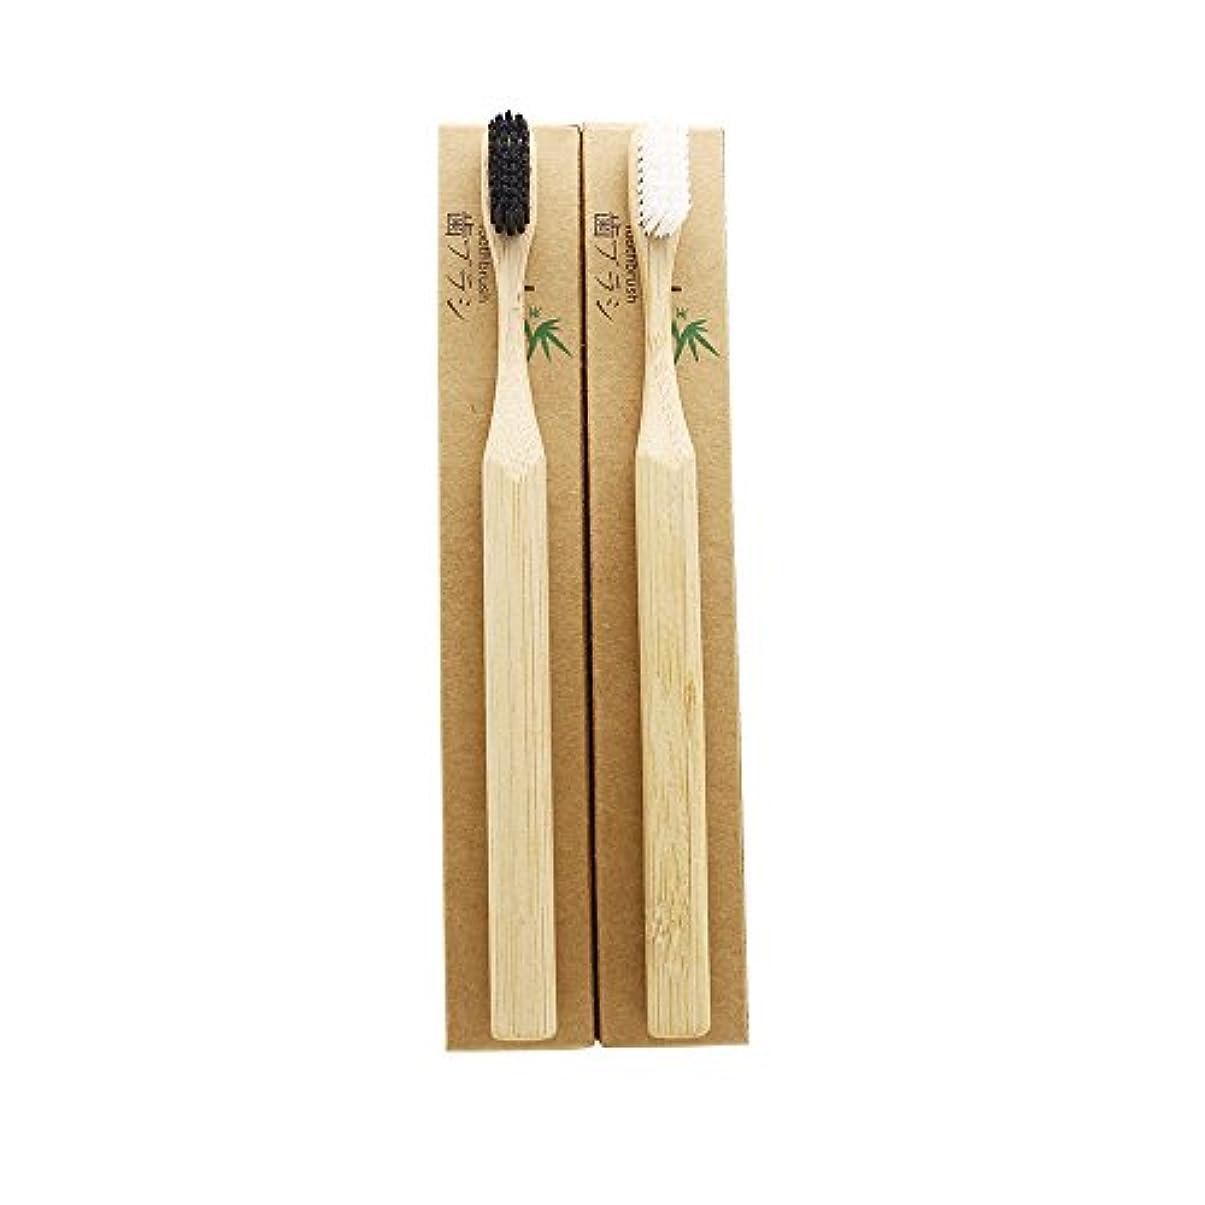 安全性タブレット過度のN-amboo 竹製 歯ブラシ 高耐久性 白と黒 セット エコ 丸いハンドル (2本)